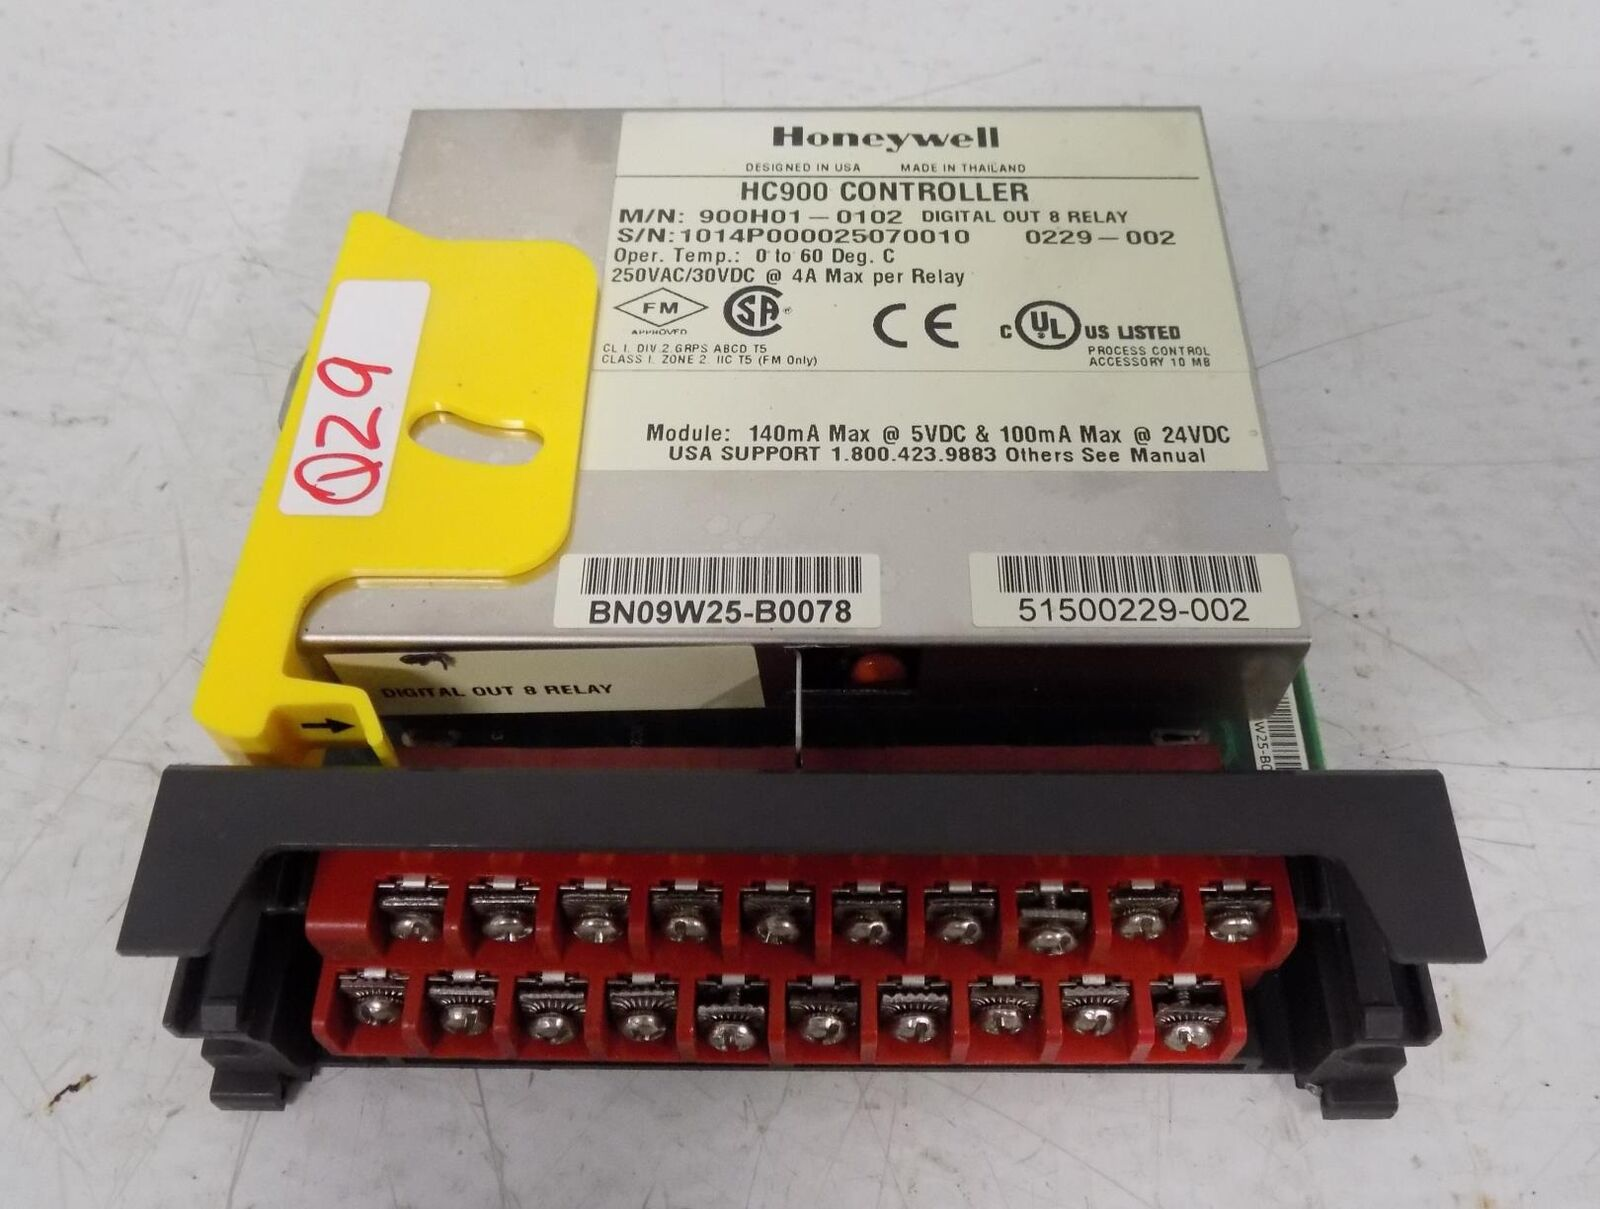 HONEYWELL HC900 CONTROLLER 900H01-0102 MISSING DOOR